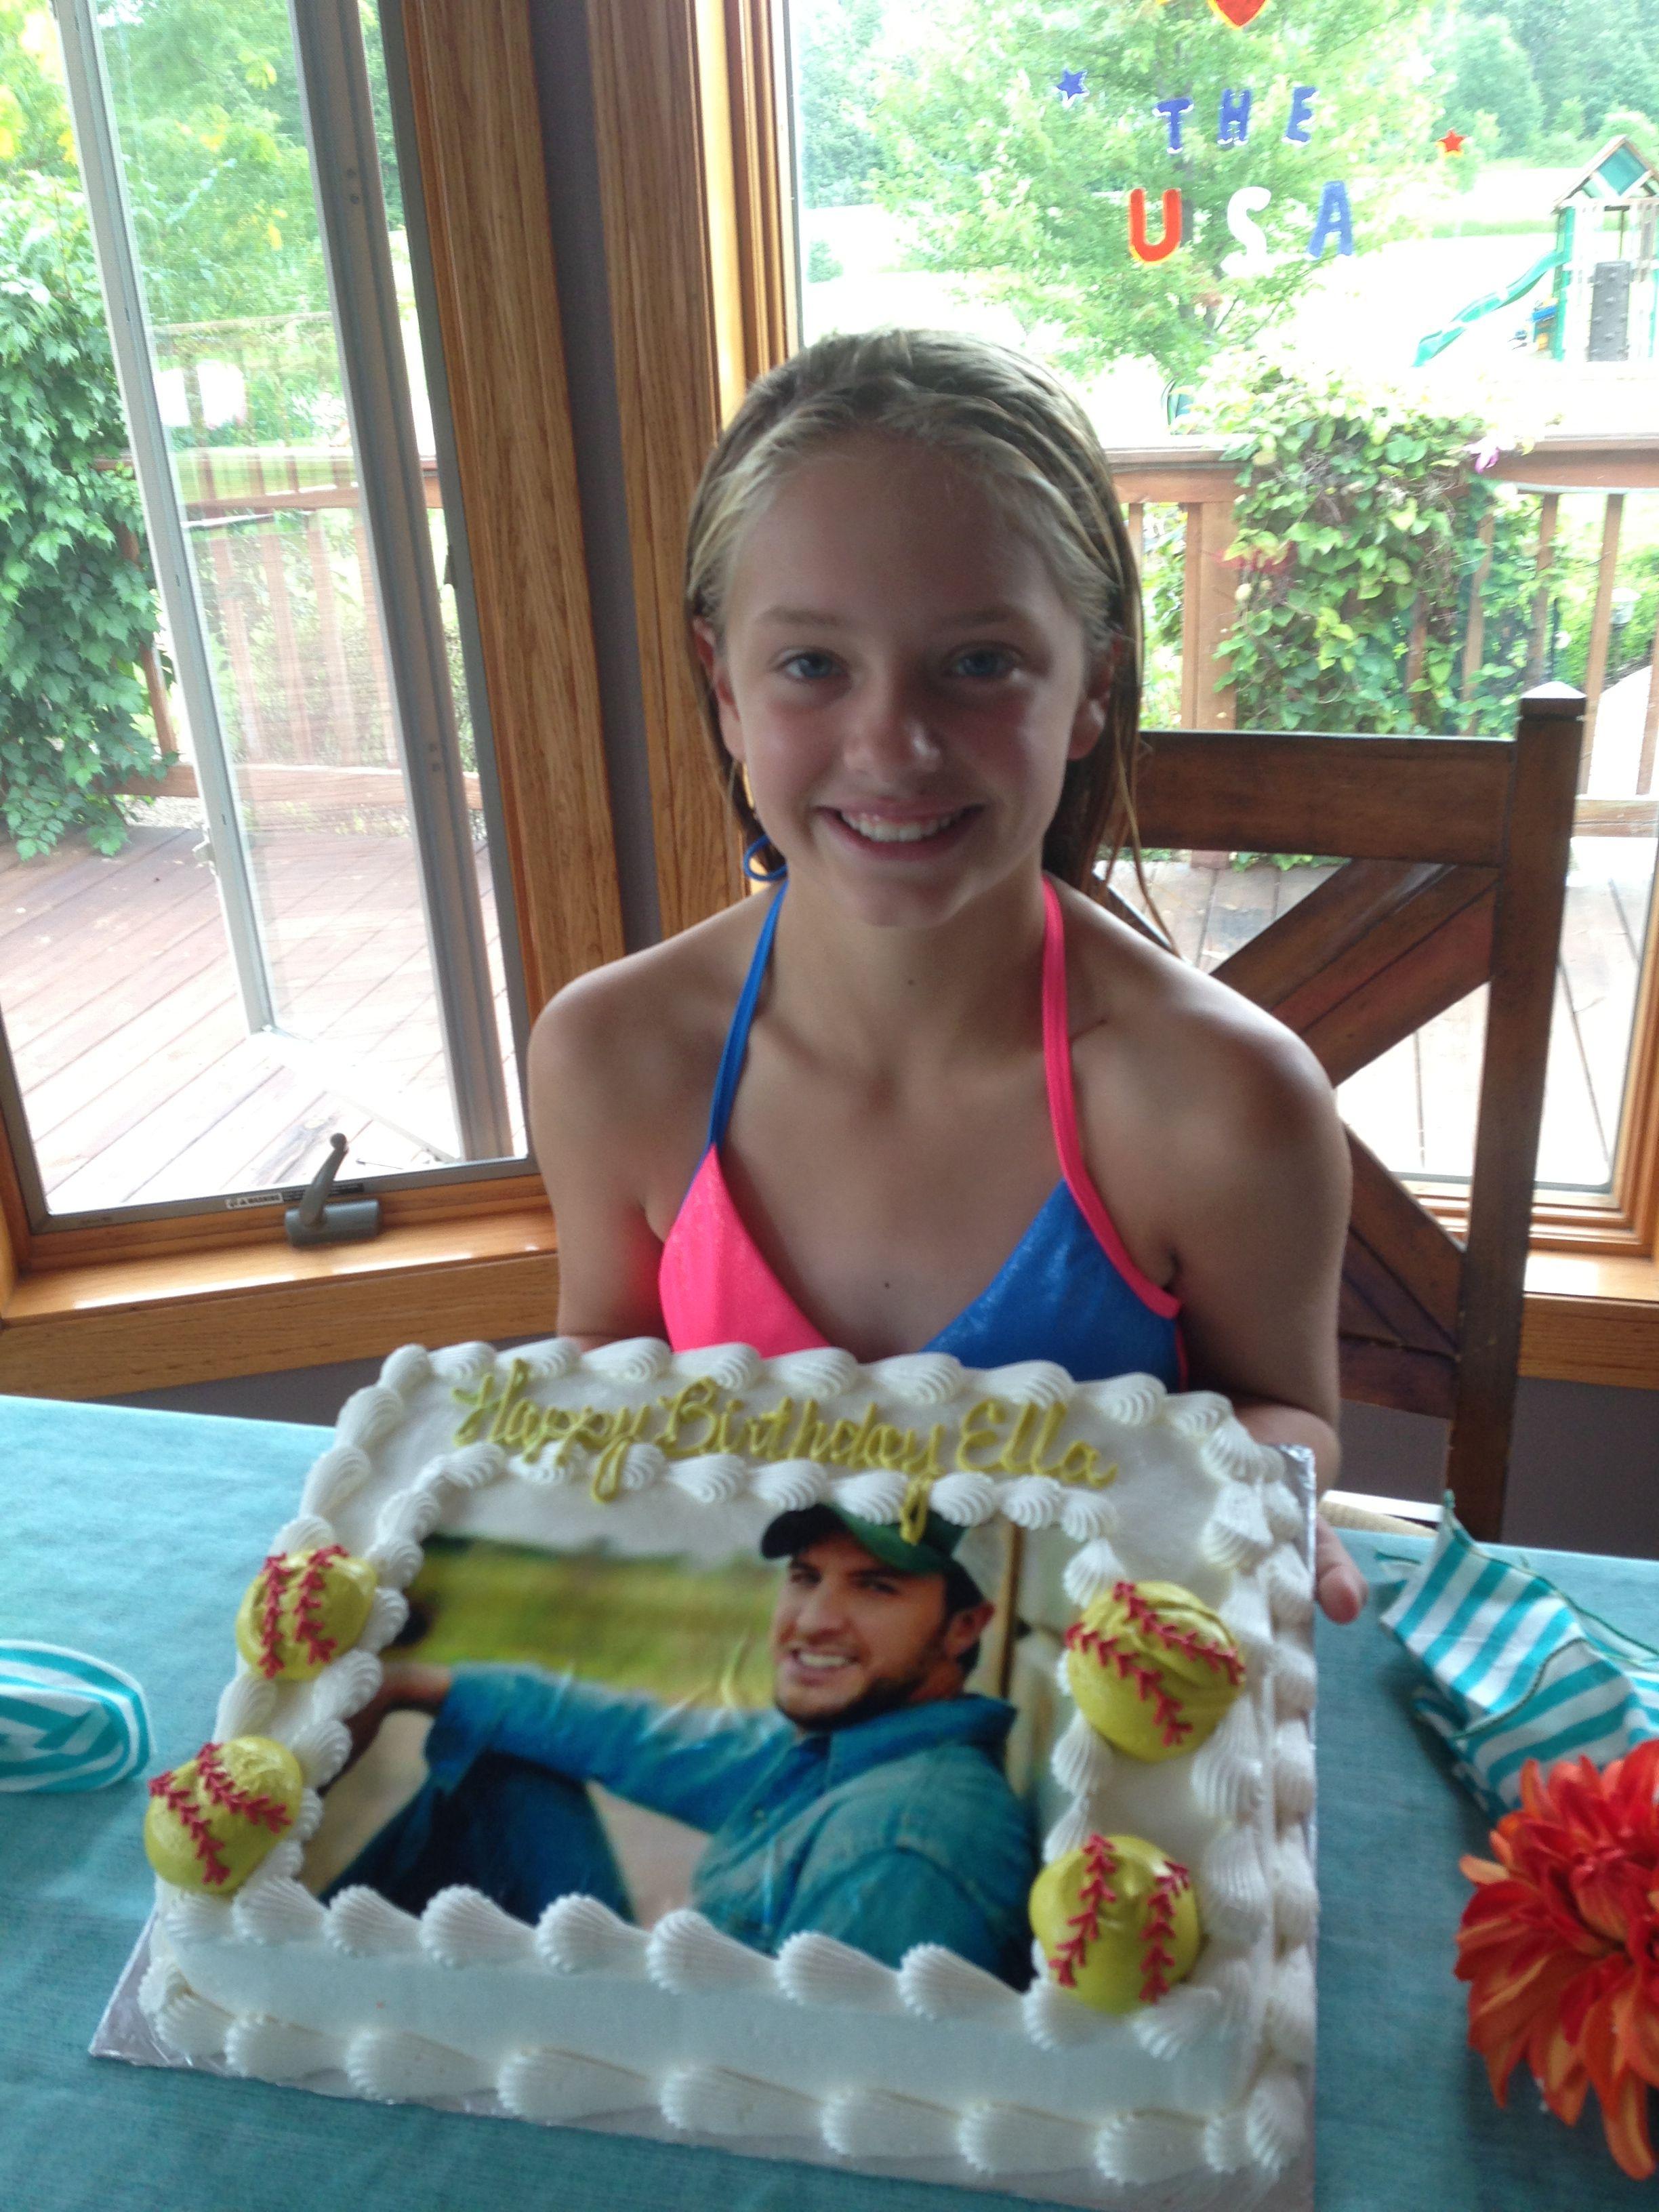 Luke Bryan And Softball Cake Luke Bryan Pinterest Luke Bryans